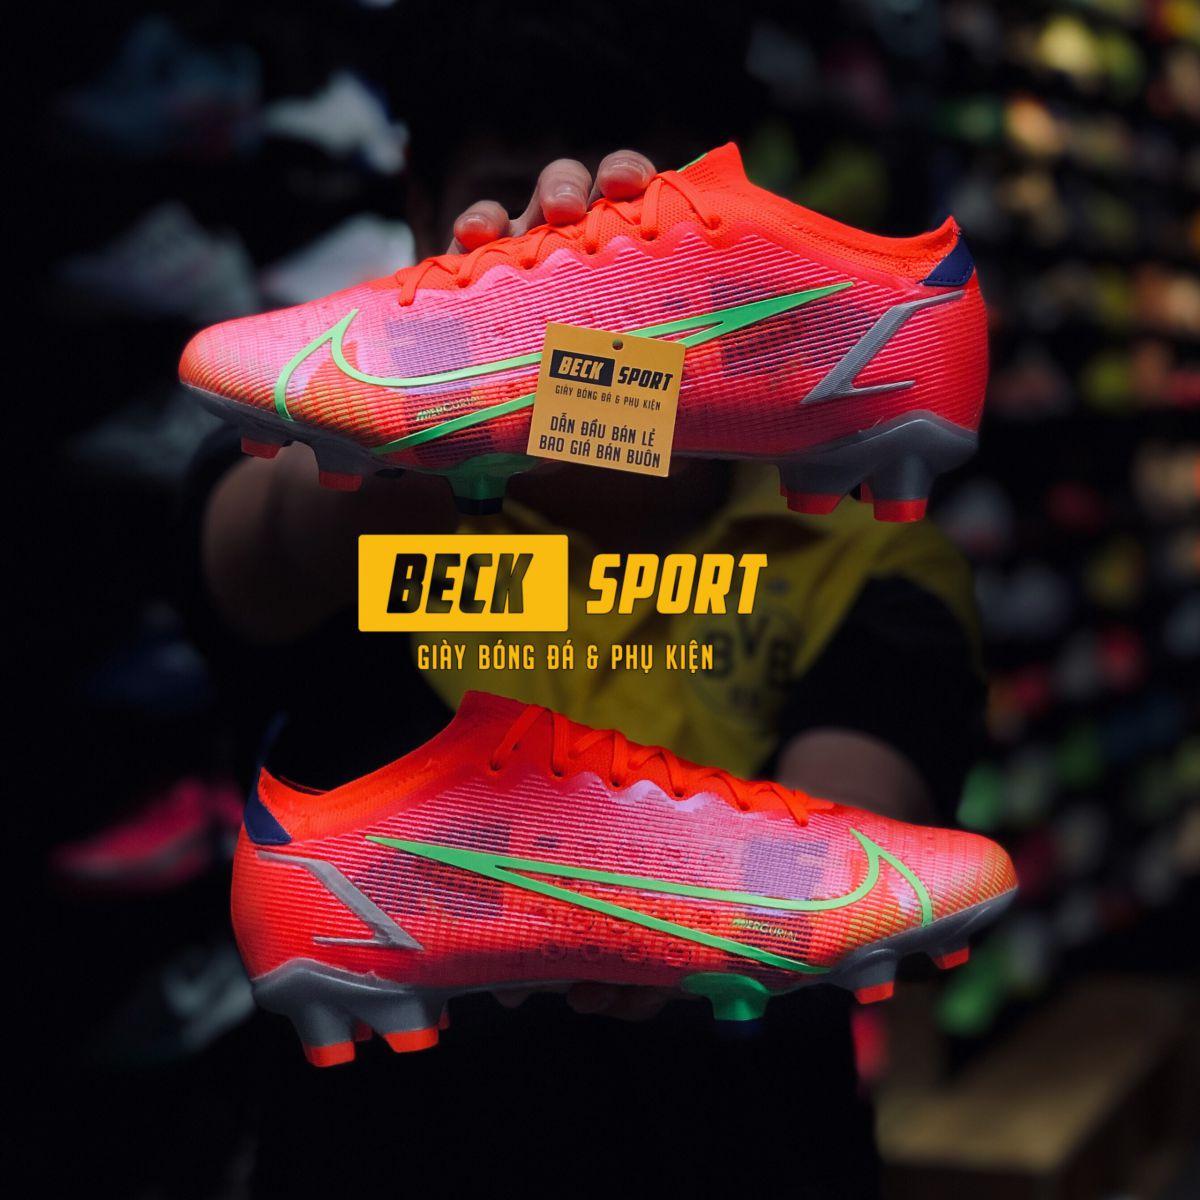 Giày Bóng Đá Nike Mercurial Vapor 14 Elite Đỏ Vạch Xanh Lá Cổ Lửng HQ FG